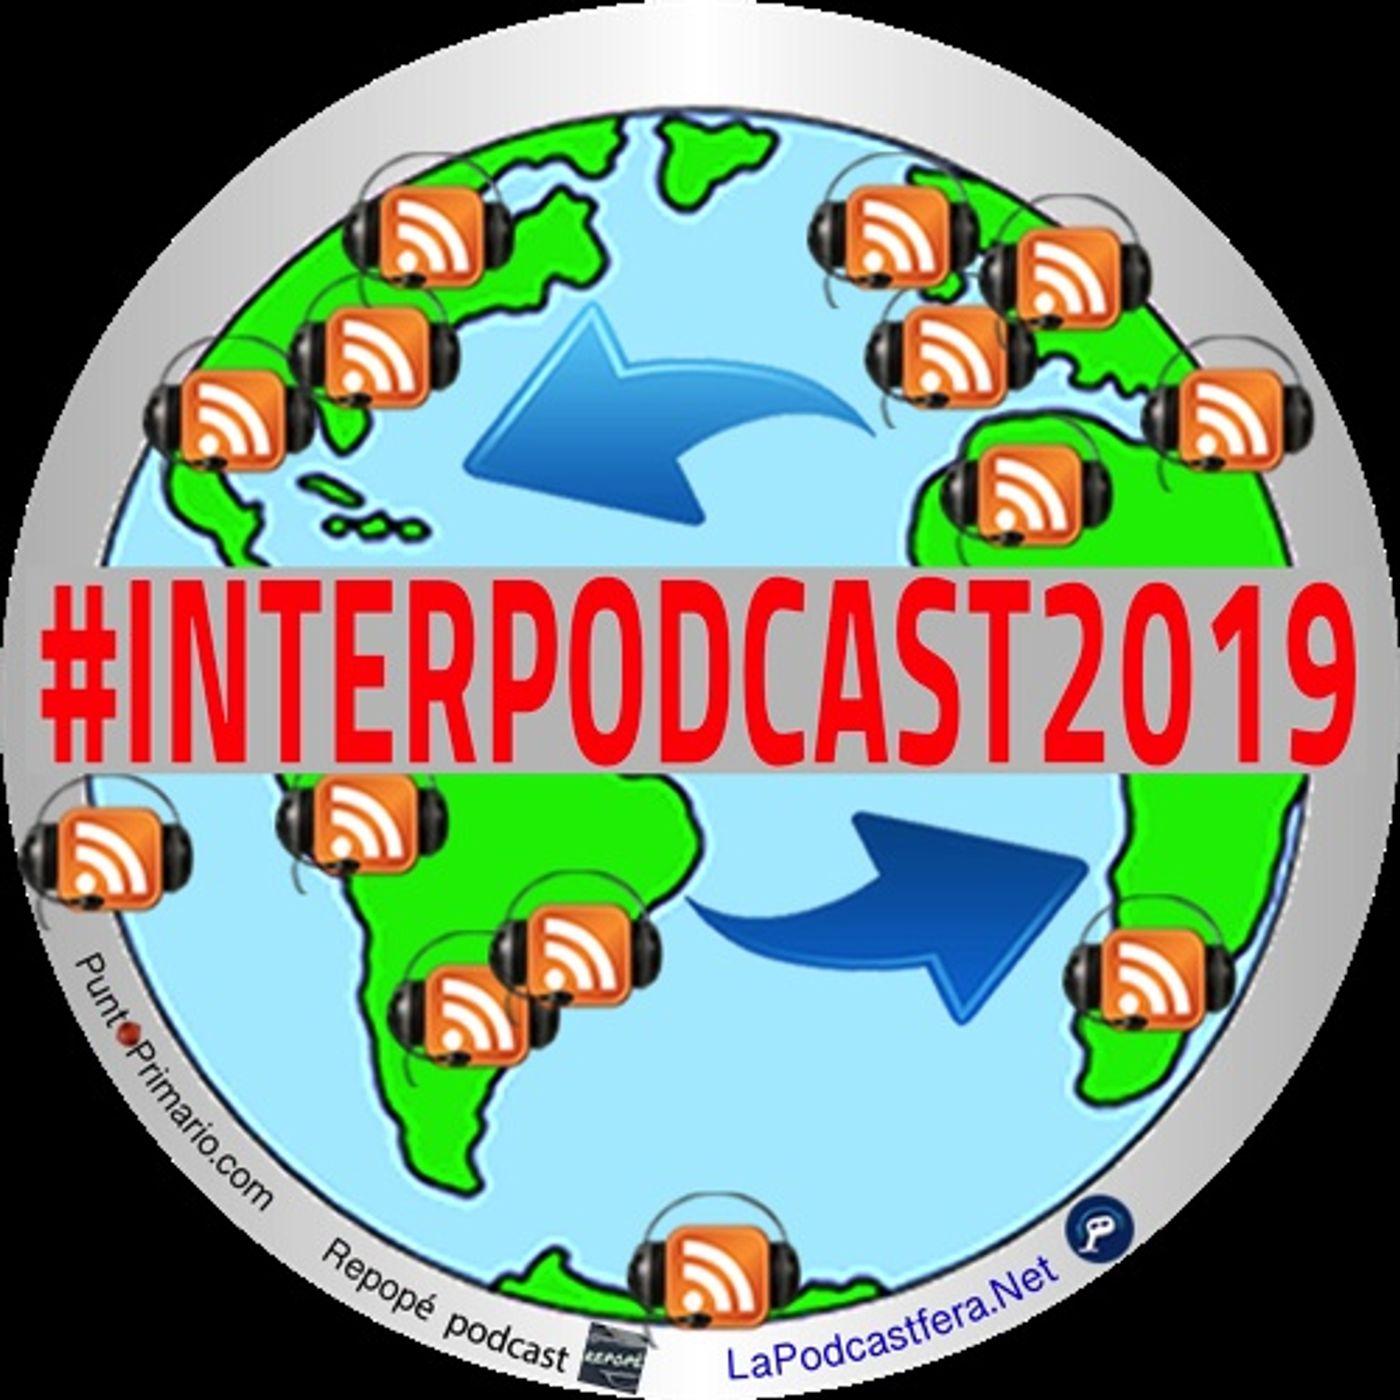 #Interpodcast2019 Al Borde del Abismo con Macho Cabrío